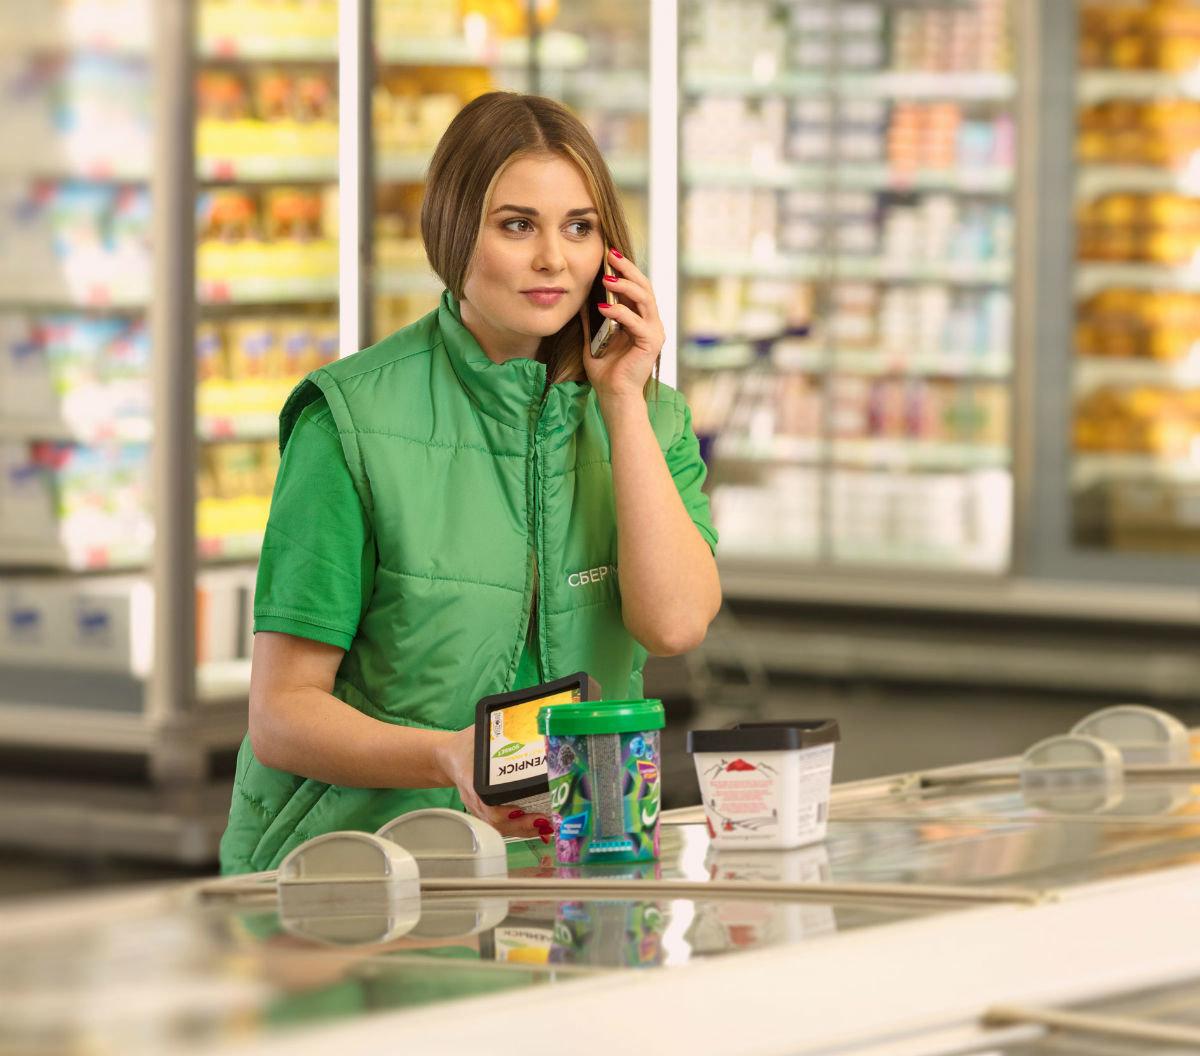 В Белгороде начал работу популярный сервис доставки продуктов СберМаркет, фото-3